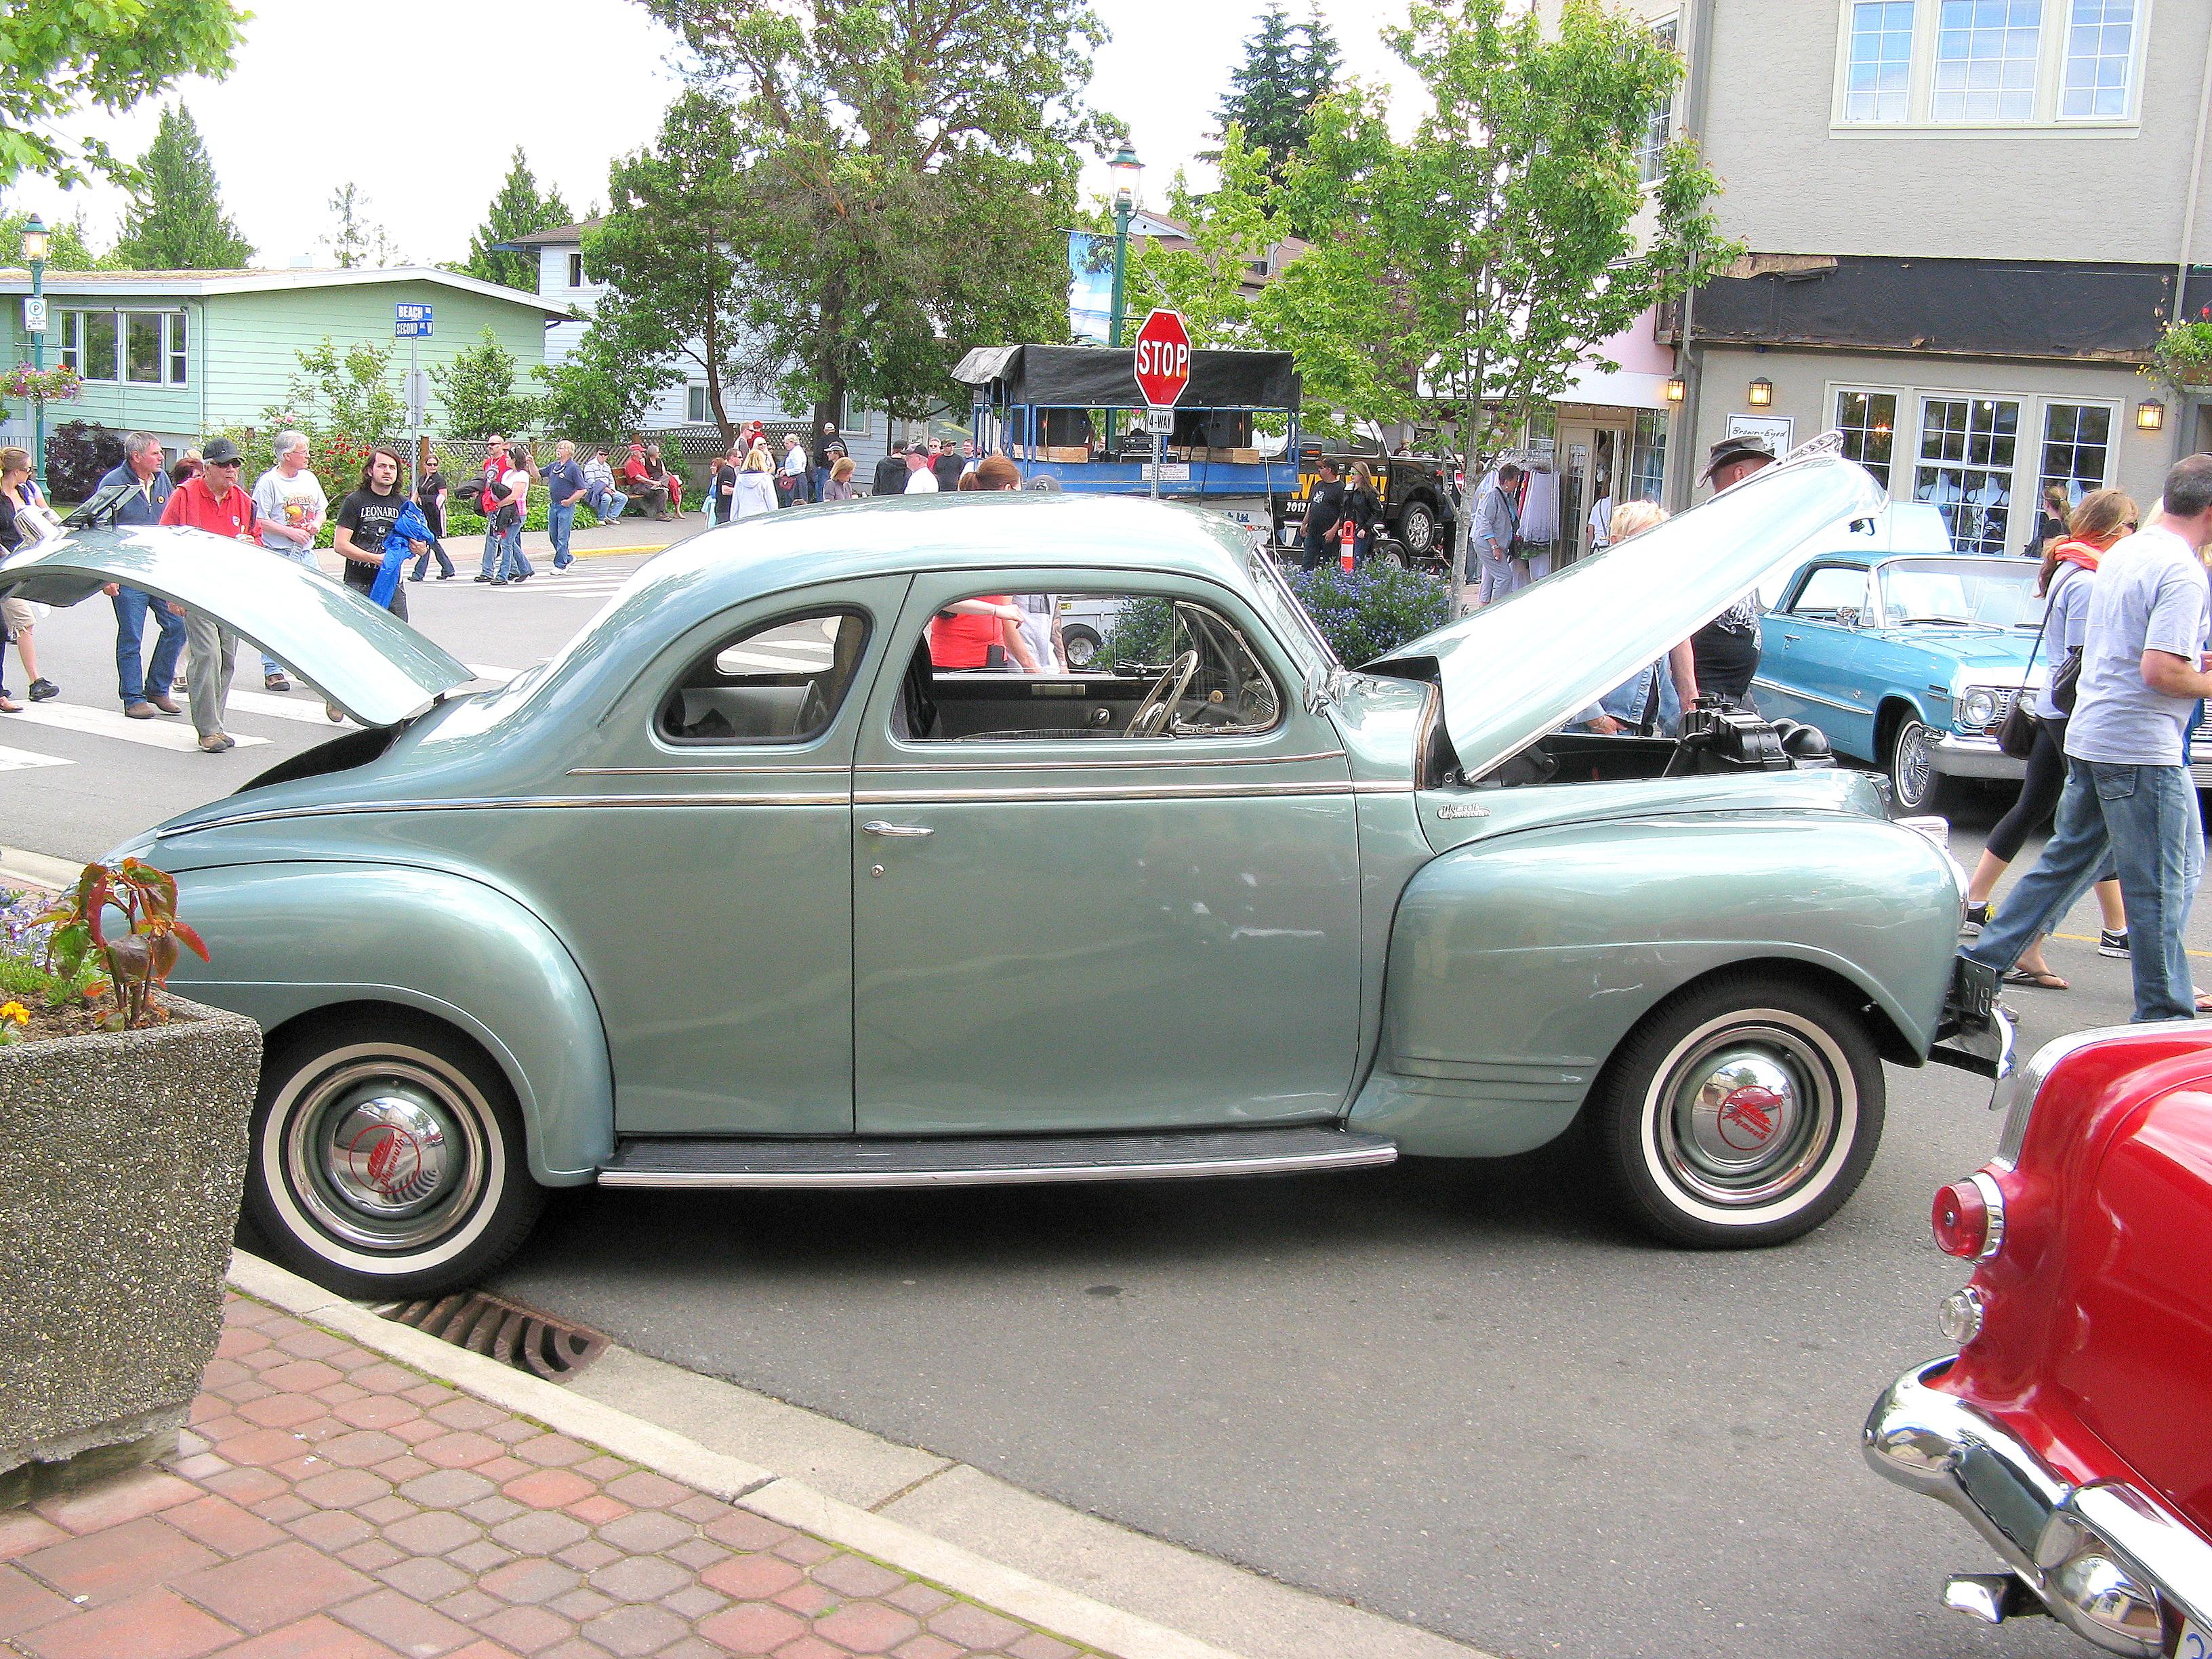 File:Pretty cars, Qual...